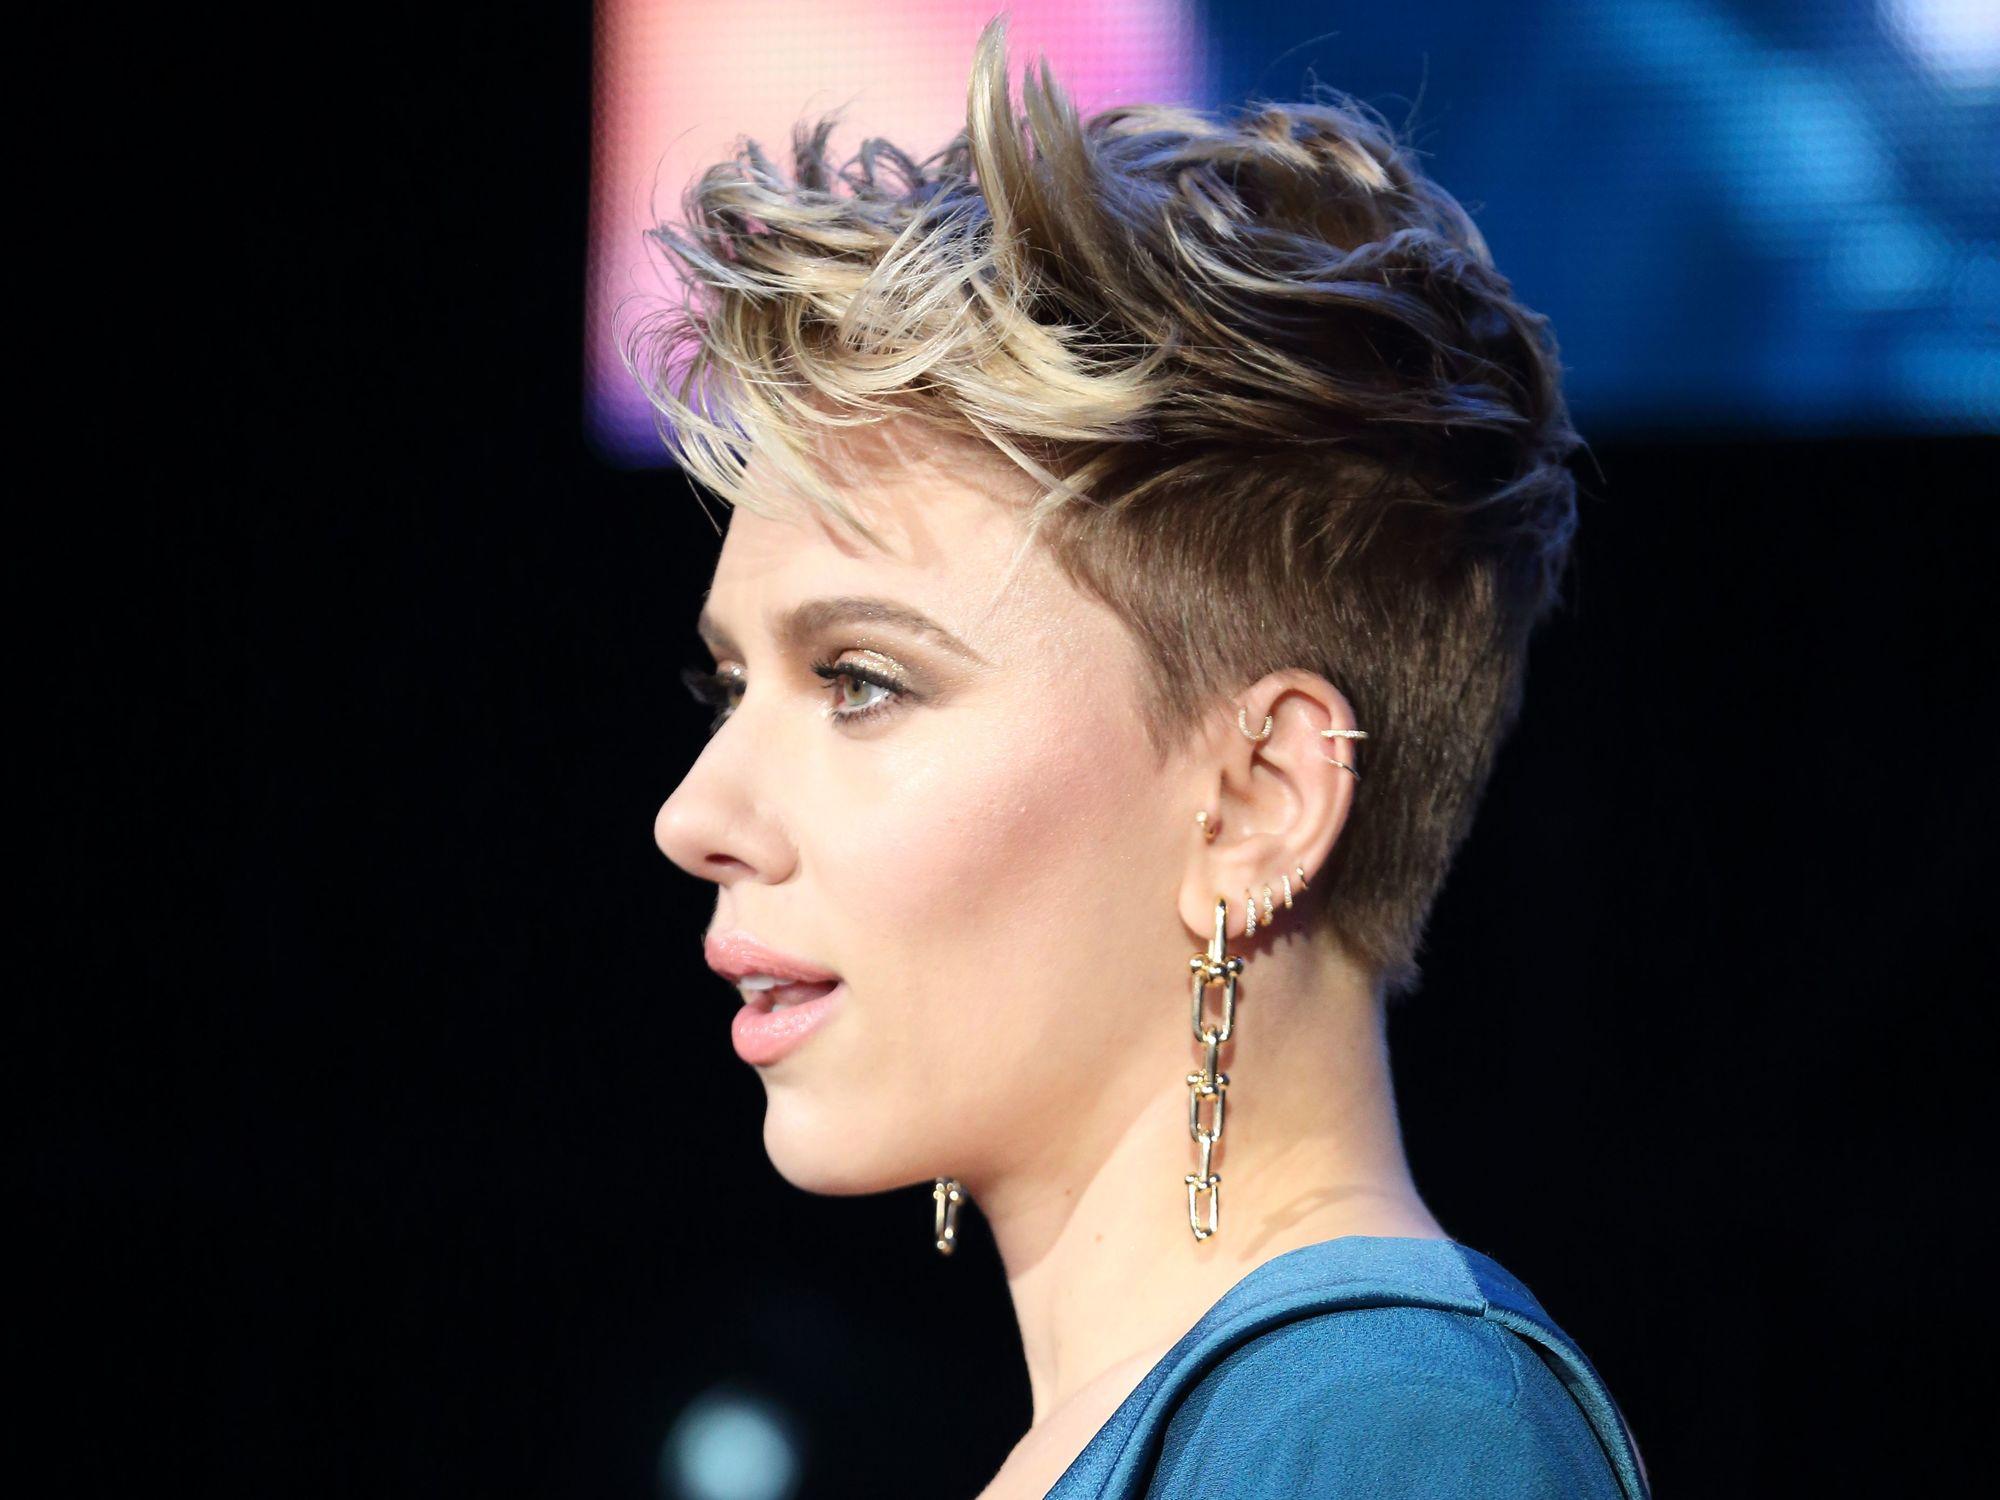 Imagenes de cabello corto y rubio